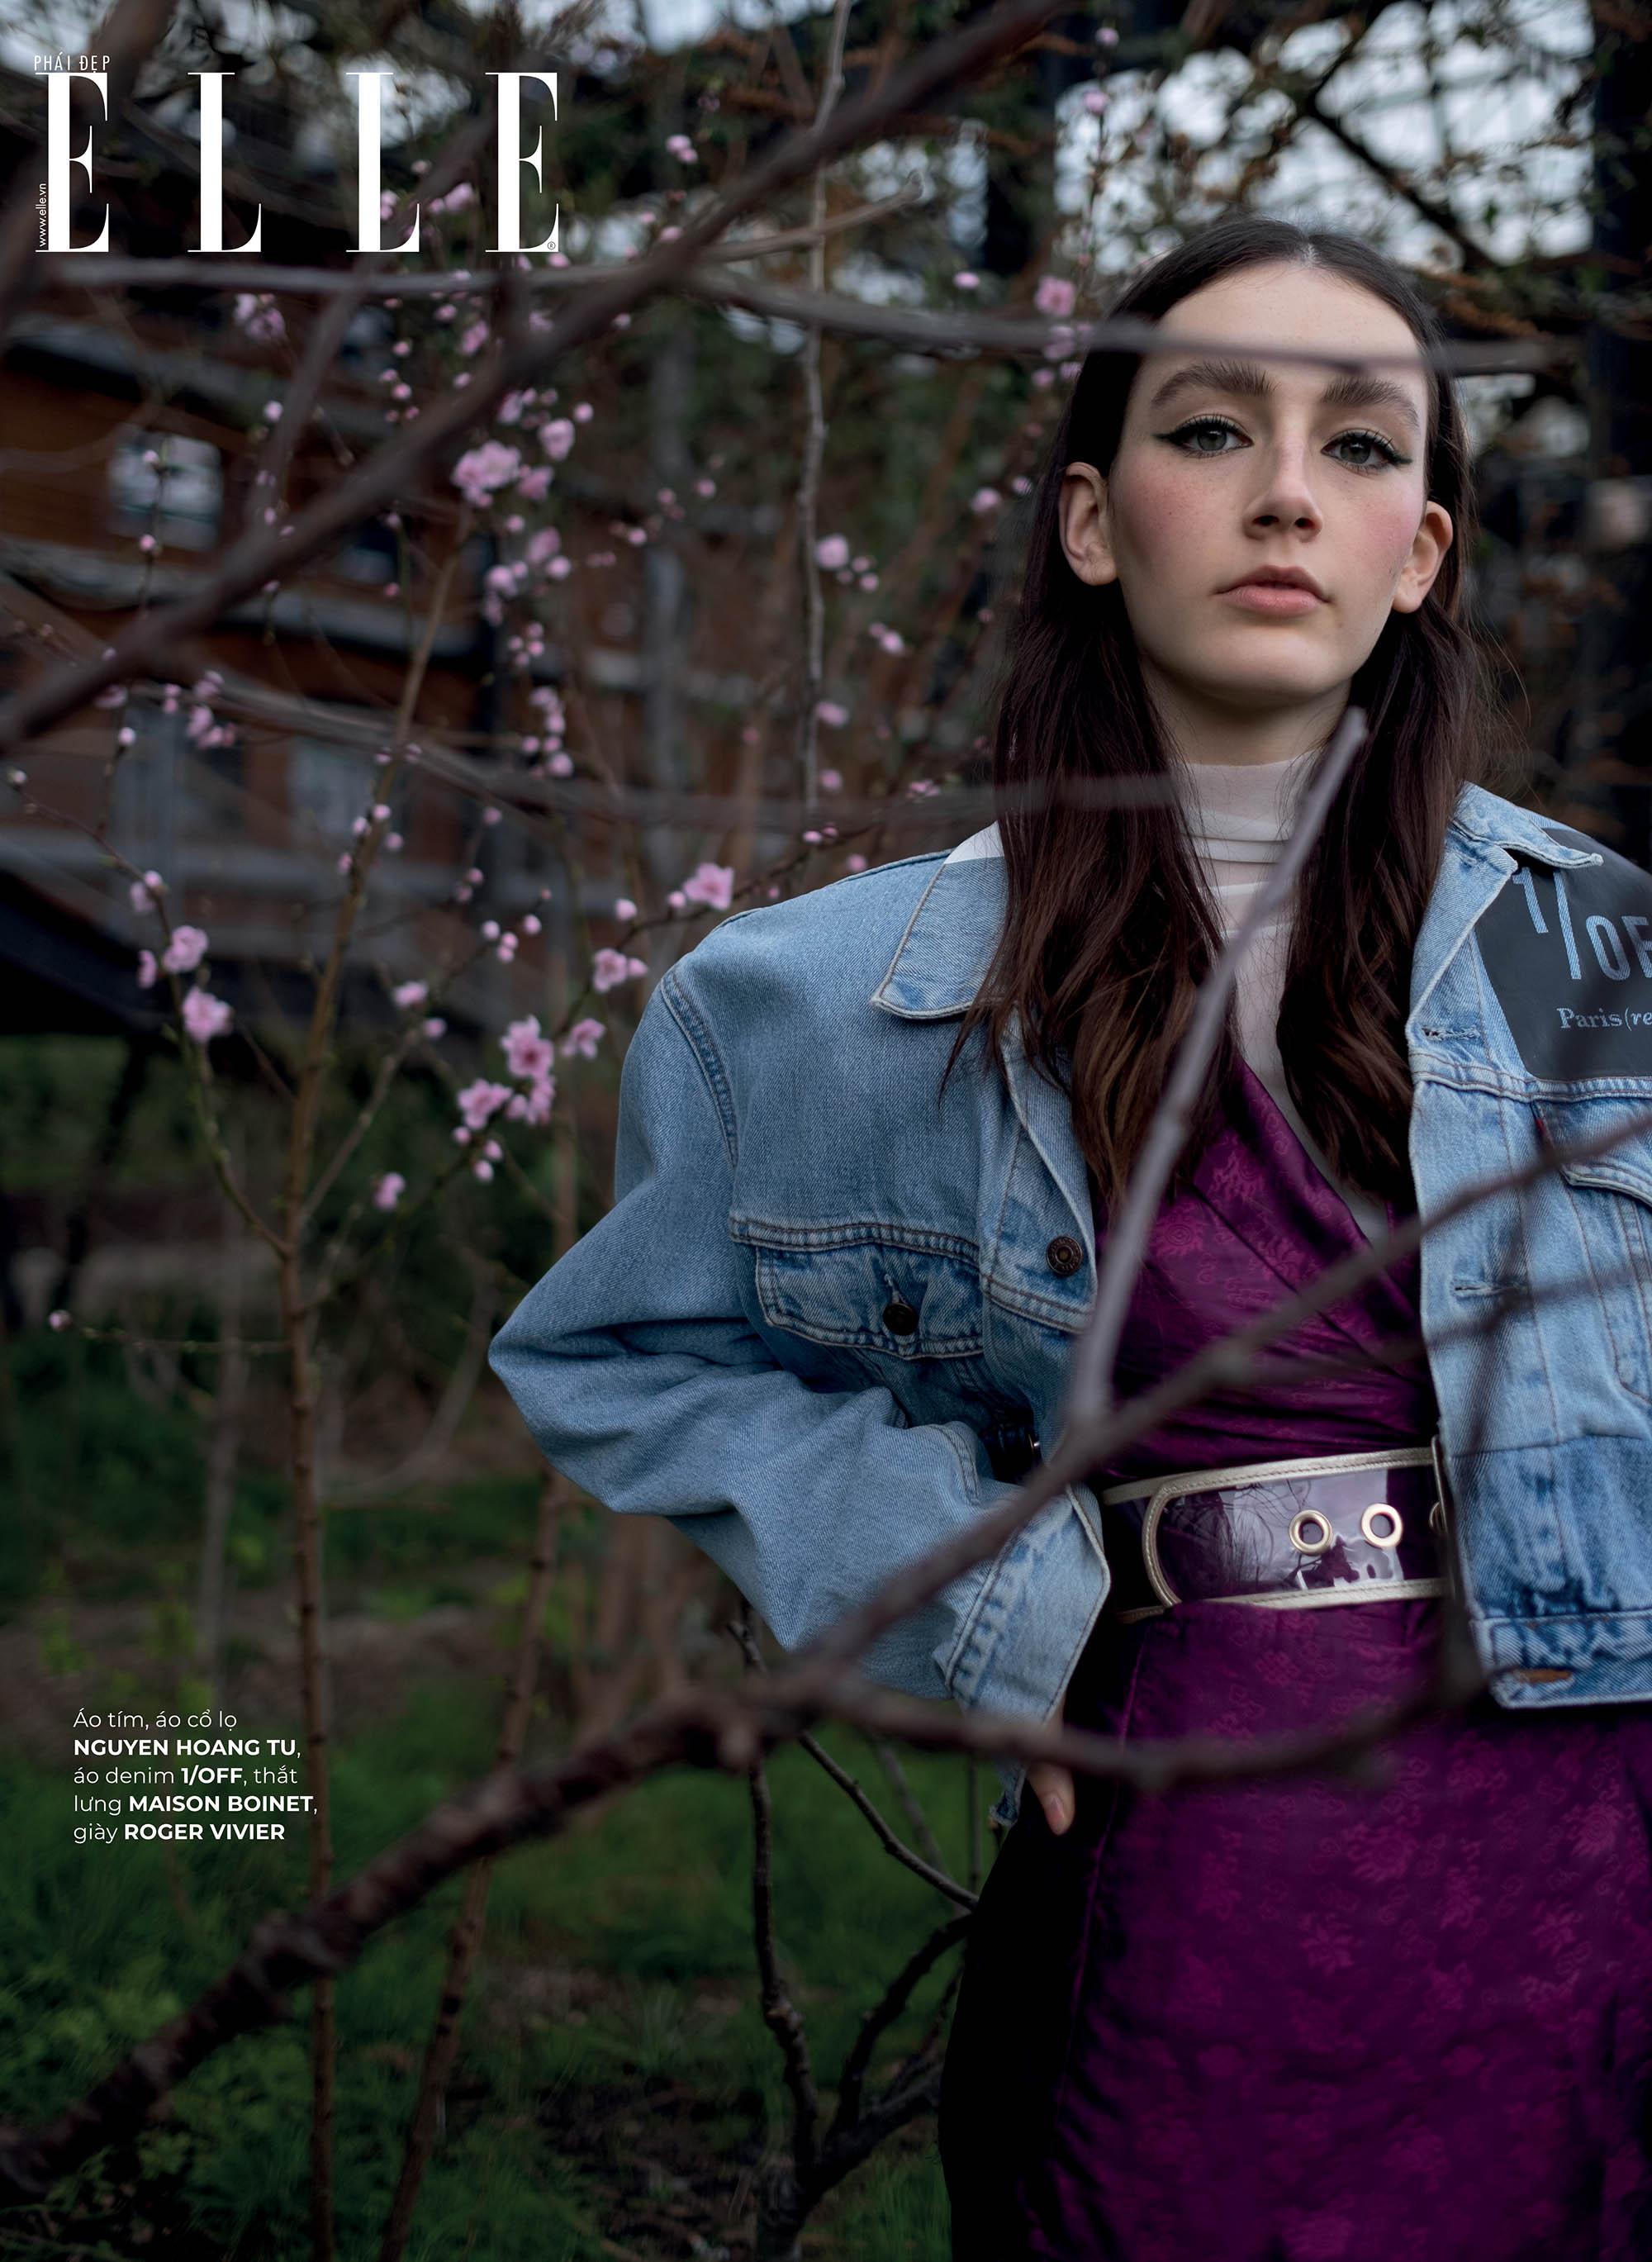 thời trang bền vững trang phục Nguyen Hoàng Tú cô gái đứng giữa vườn hoa